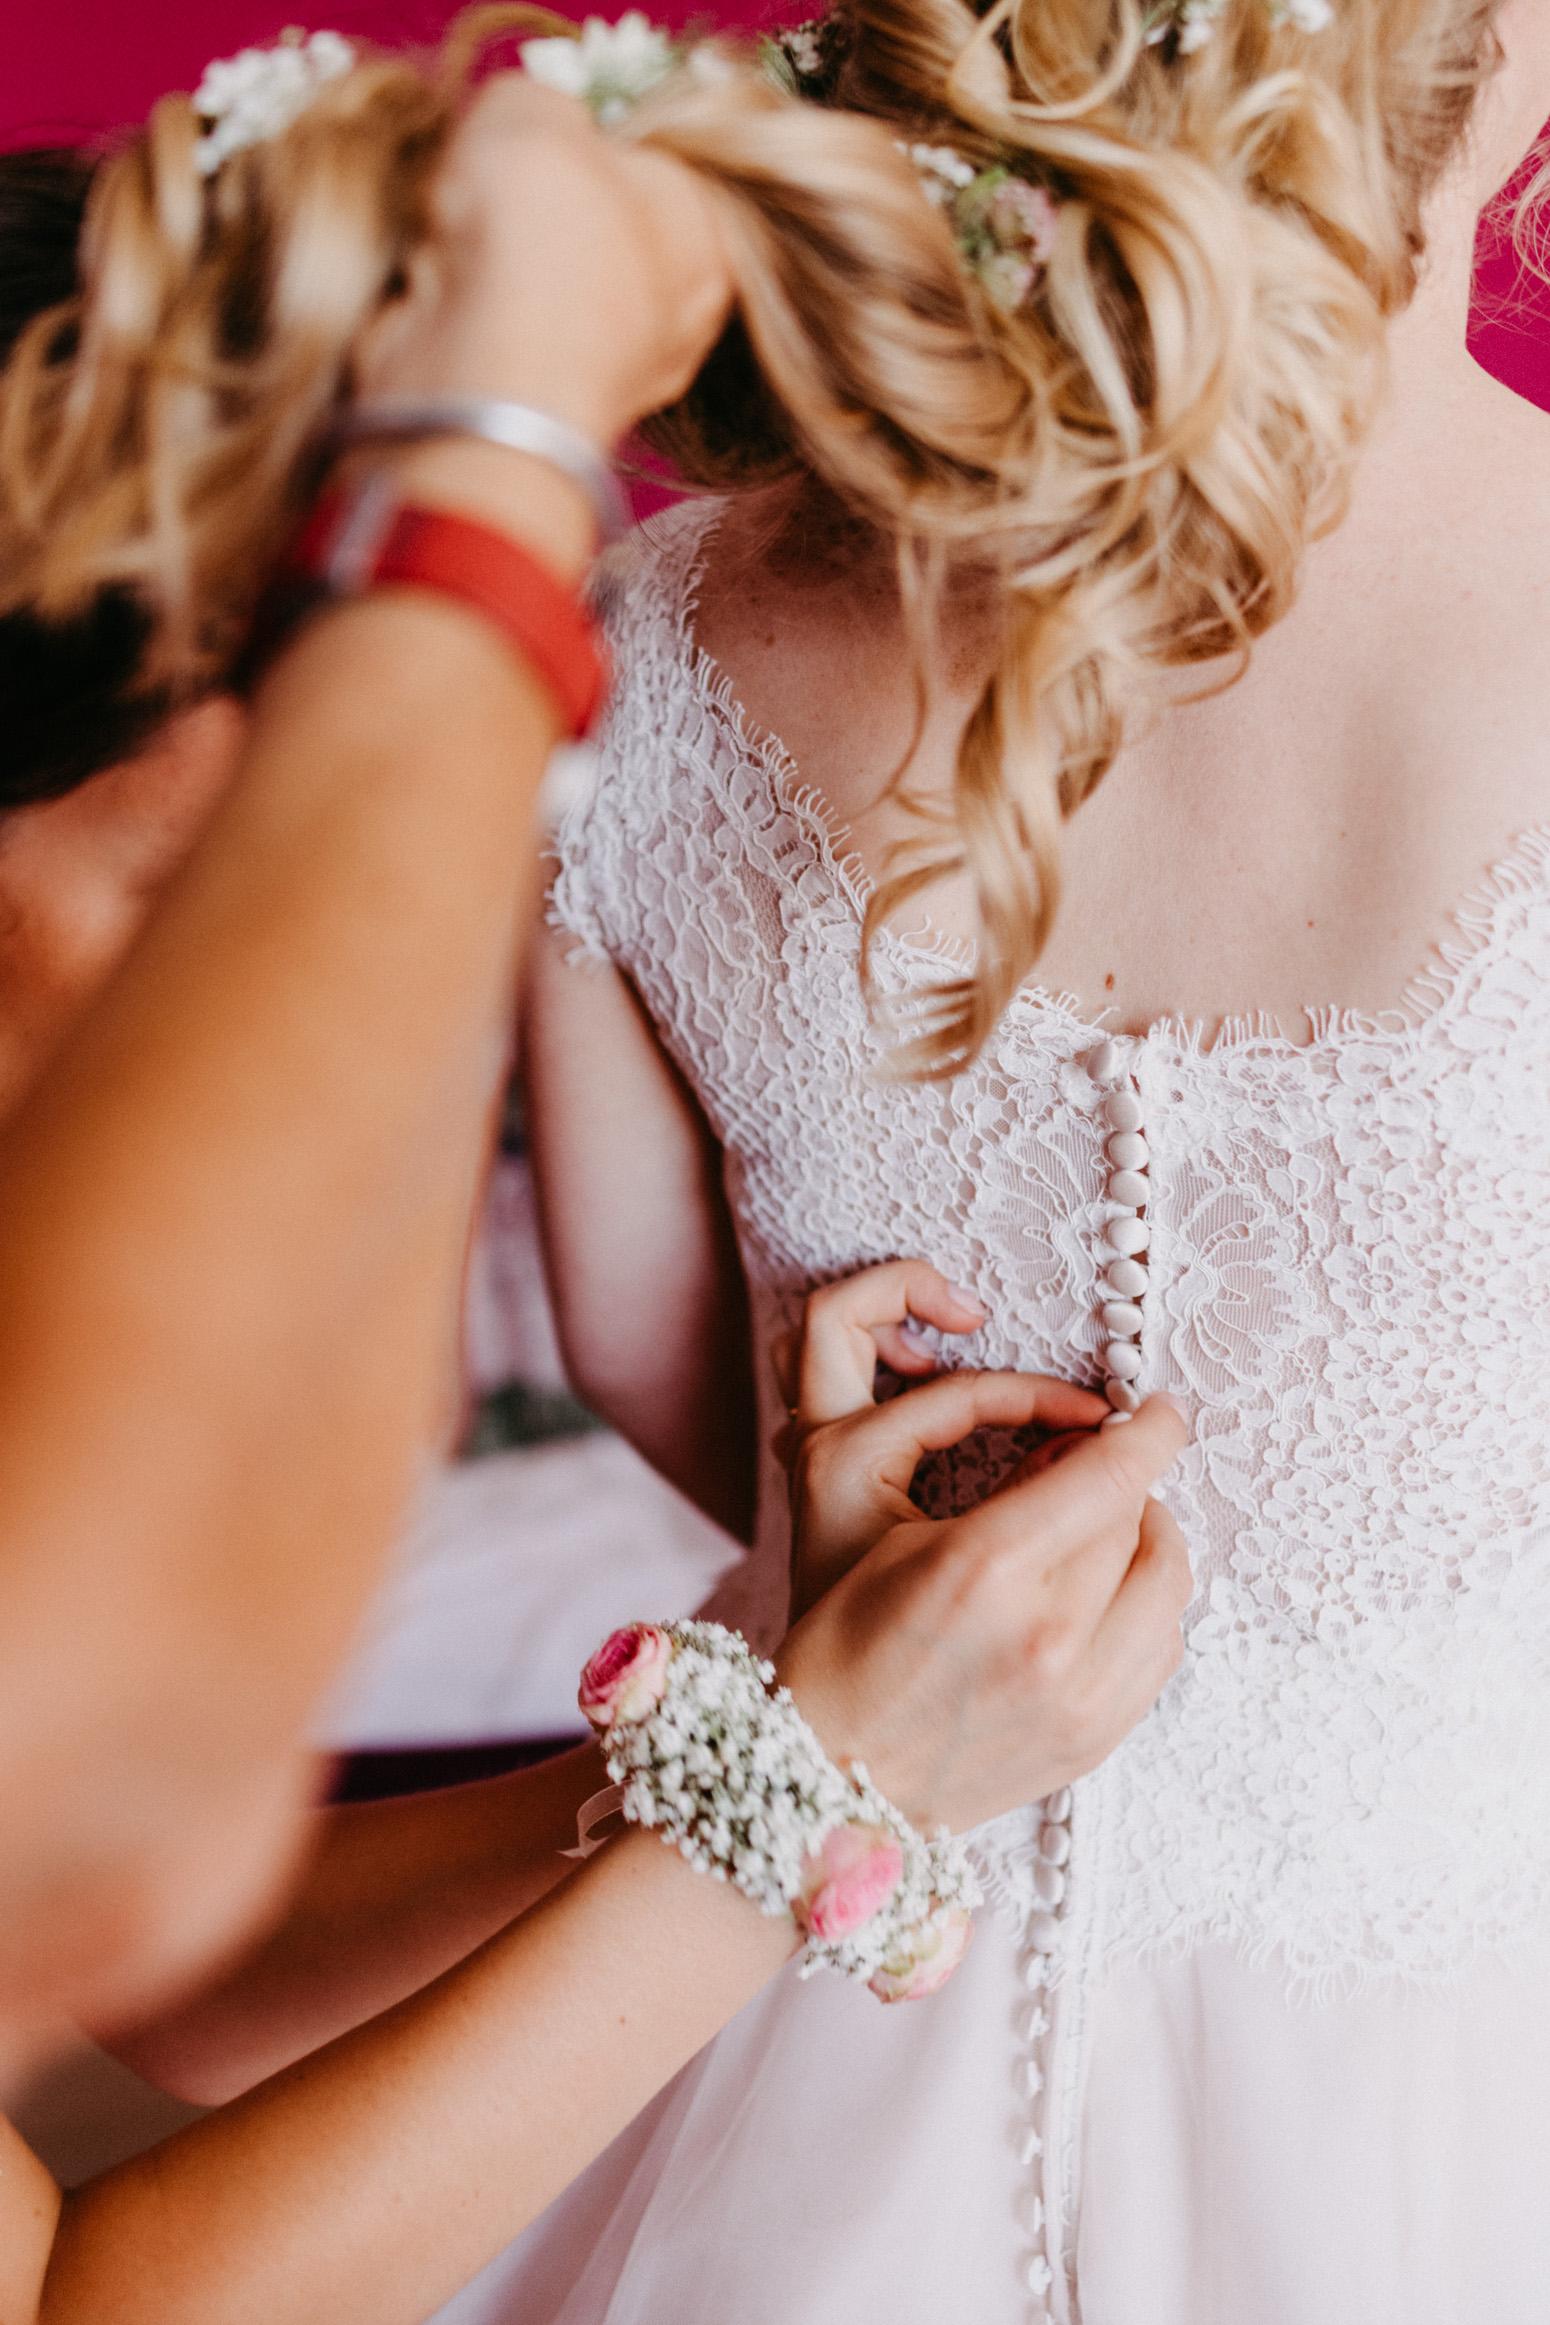 Zuknöpfen des Brautkleides. Hochzeitsfotografin Daria Becker von Genuine Bonds aus Bonn